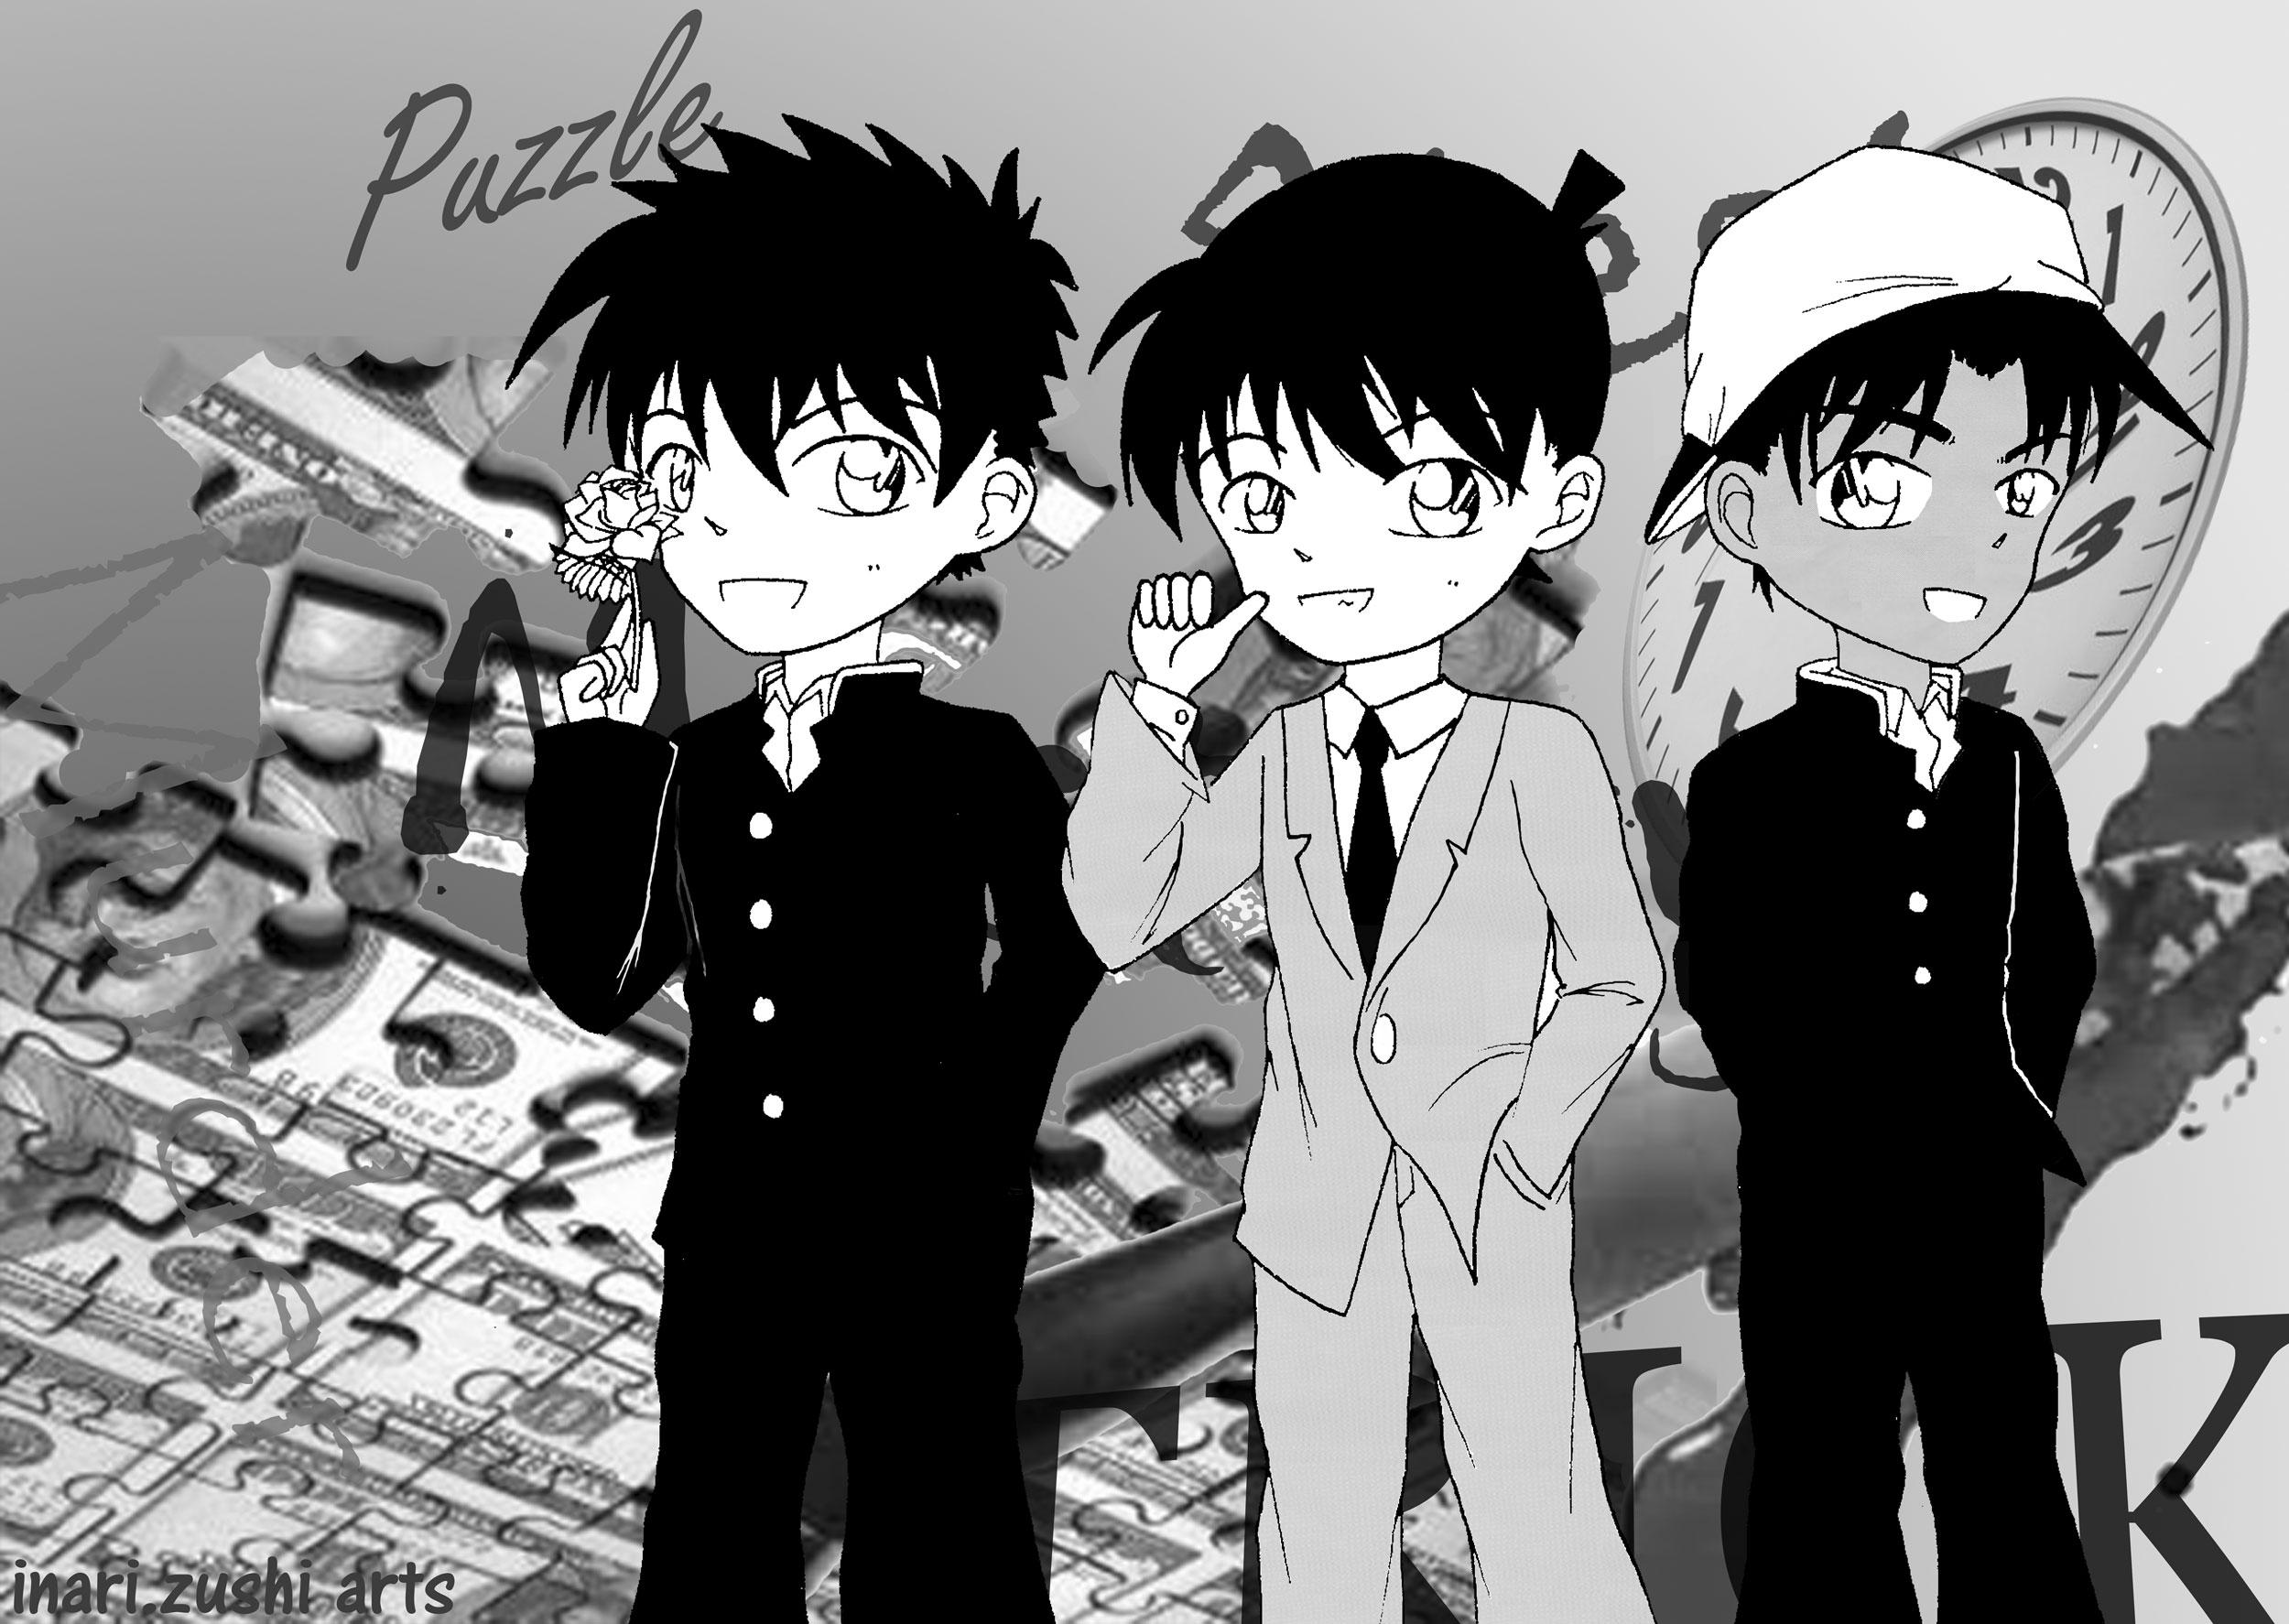 Ảnh DC dễ thương đây(xem nhanh kẻo hết^_^) Kaito_Shinichi_Heiji_by_Inari_Iva